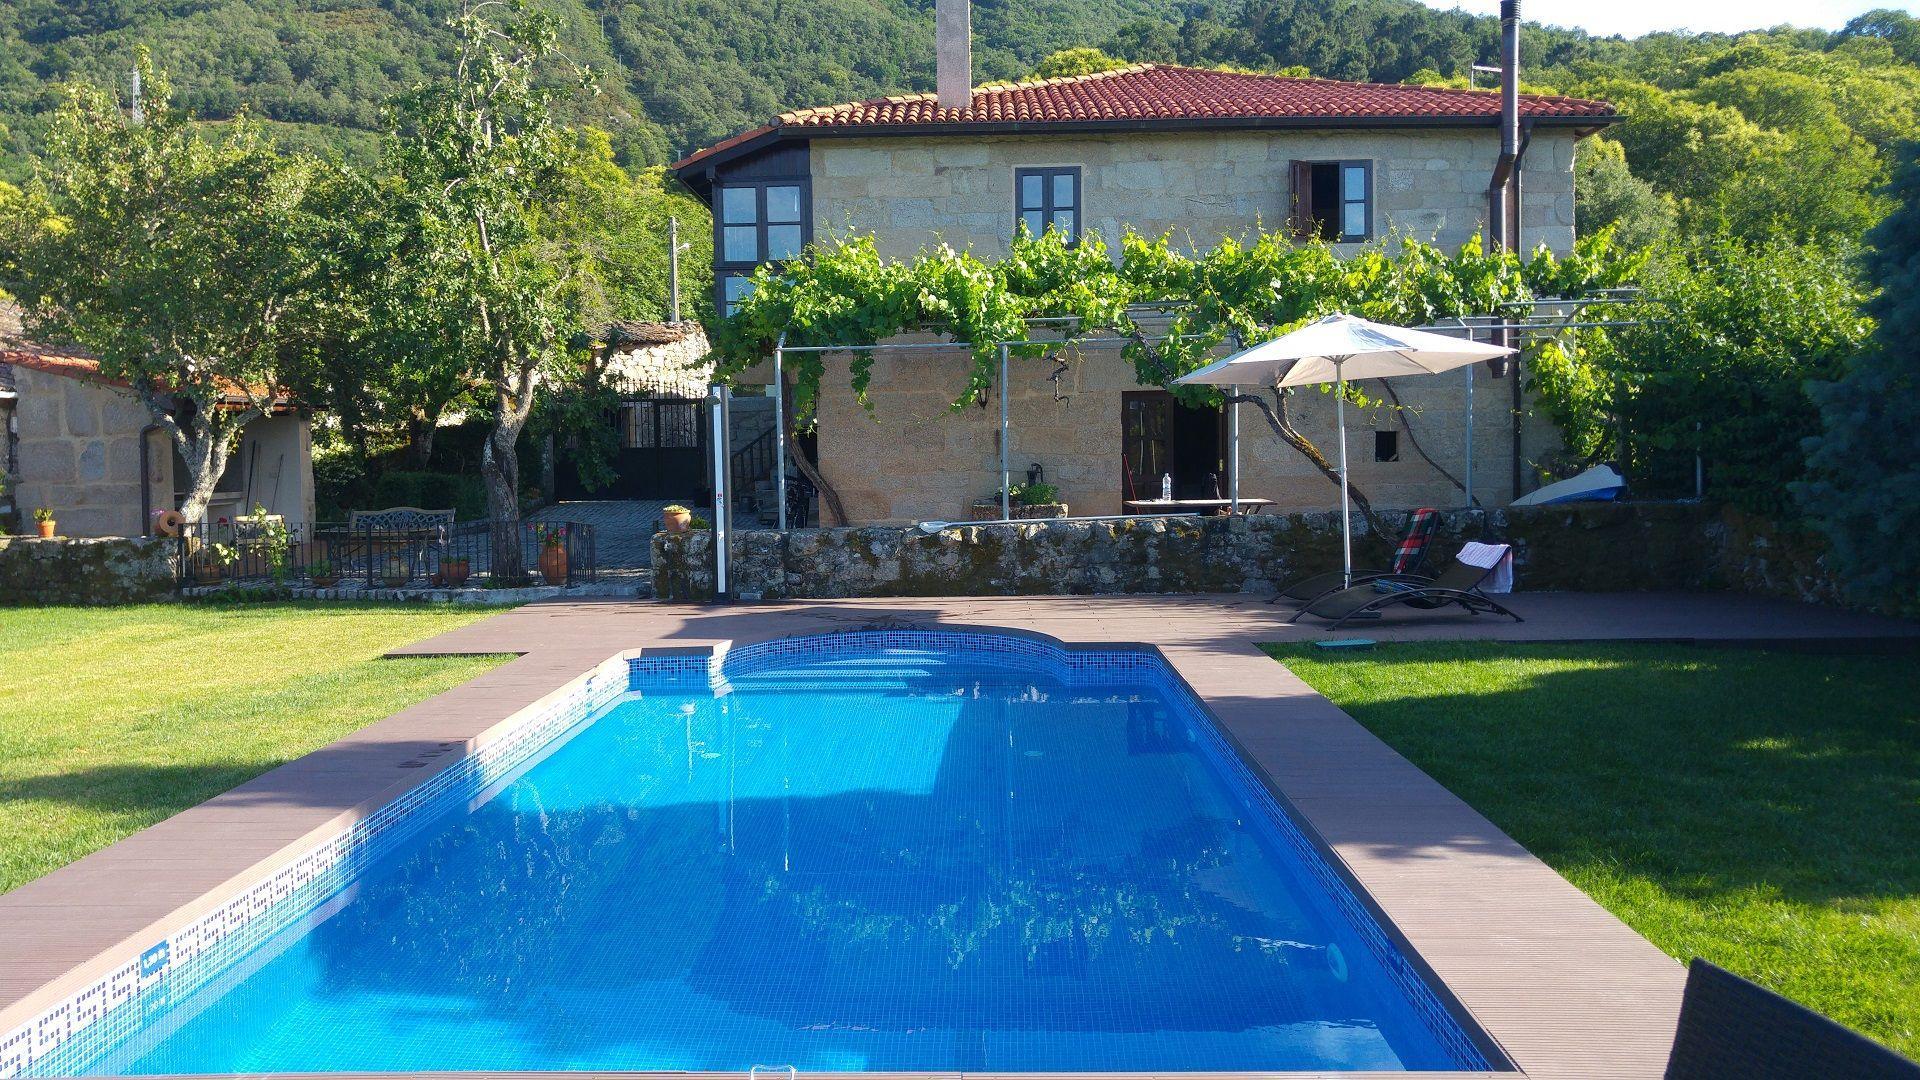 Ferienhaus mit Privatpool für 4 Personen  + 1 Bauernhof  Galizien